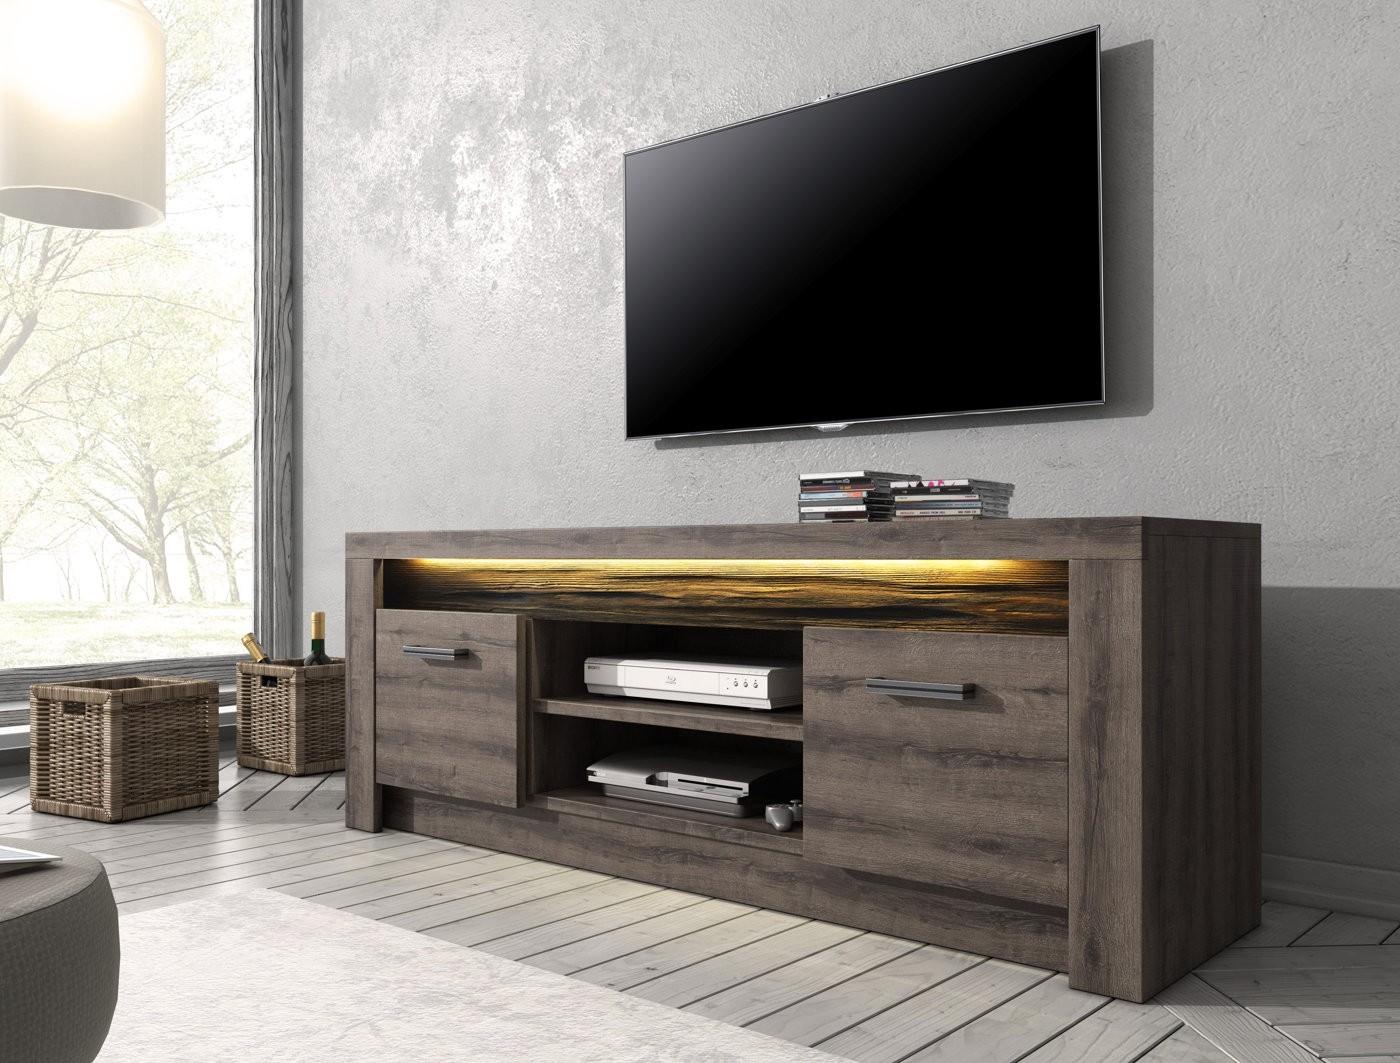 Tv meubel invido donker eiken cm met led verlichting